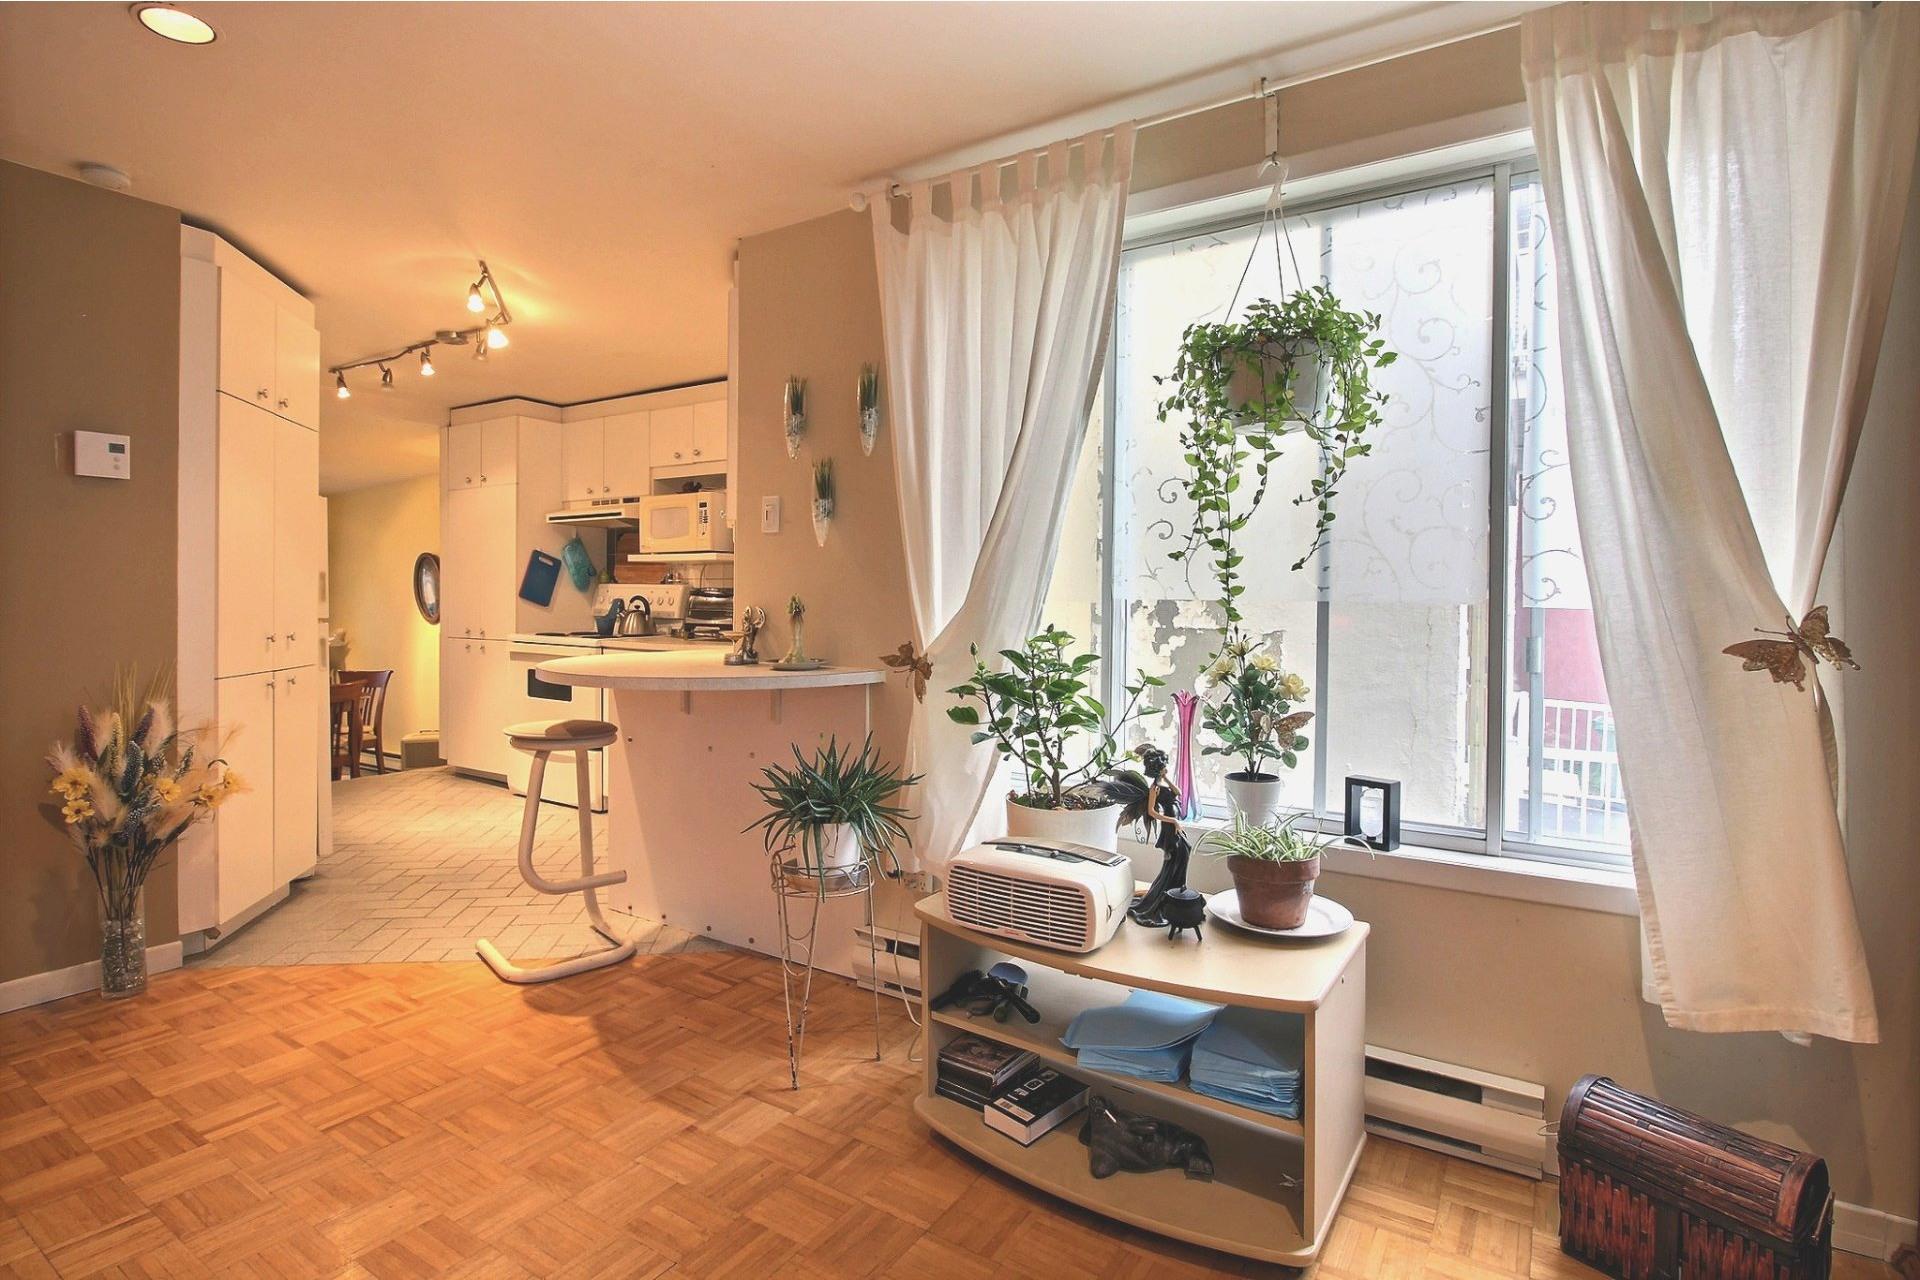 image 14 - Duplex À vendre Montréal Anjou  - 4 pièces